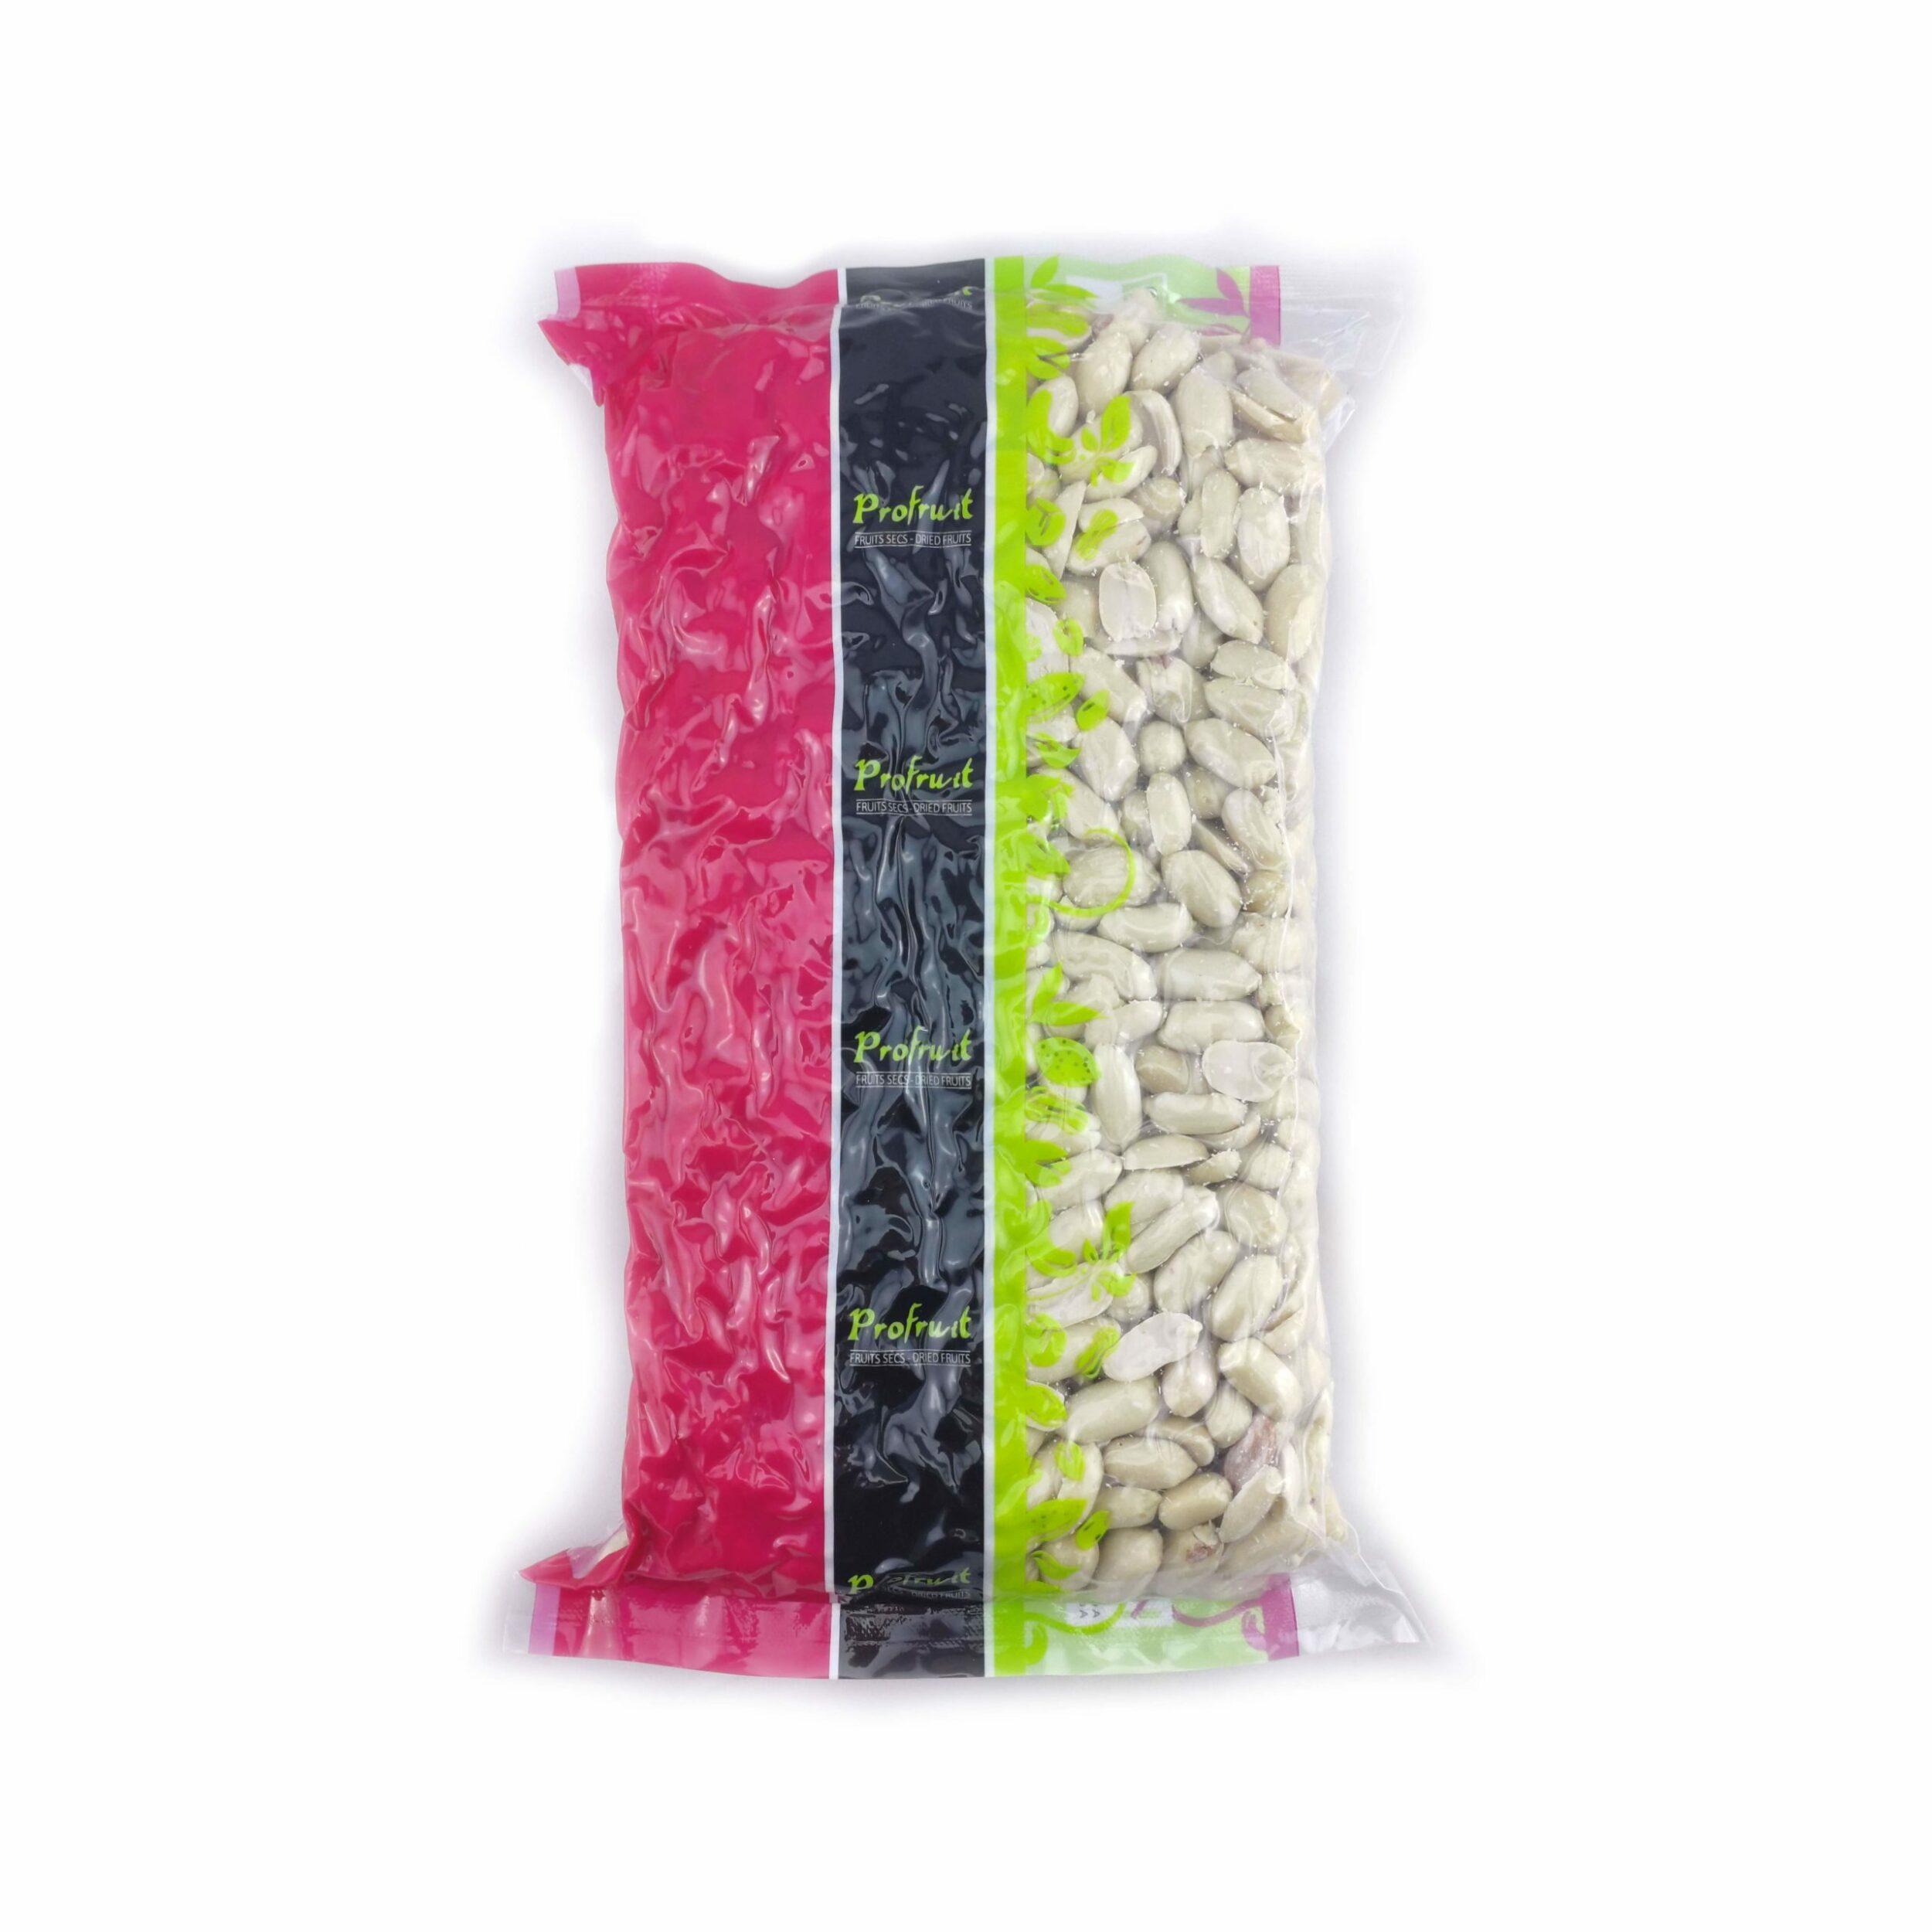 arachides-crues-blanchies-sachet-1kg-site-web-moushenco